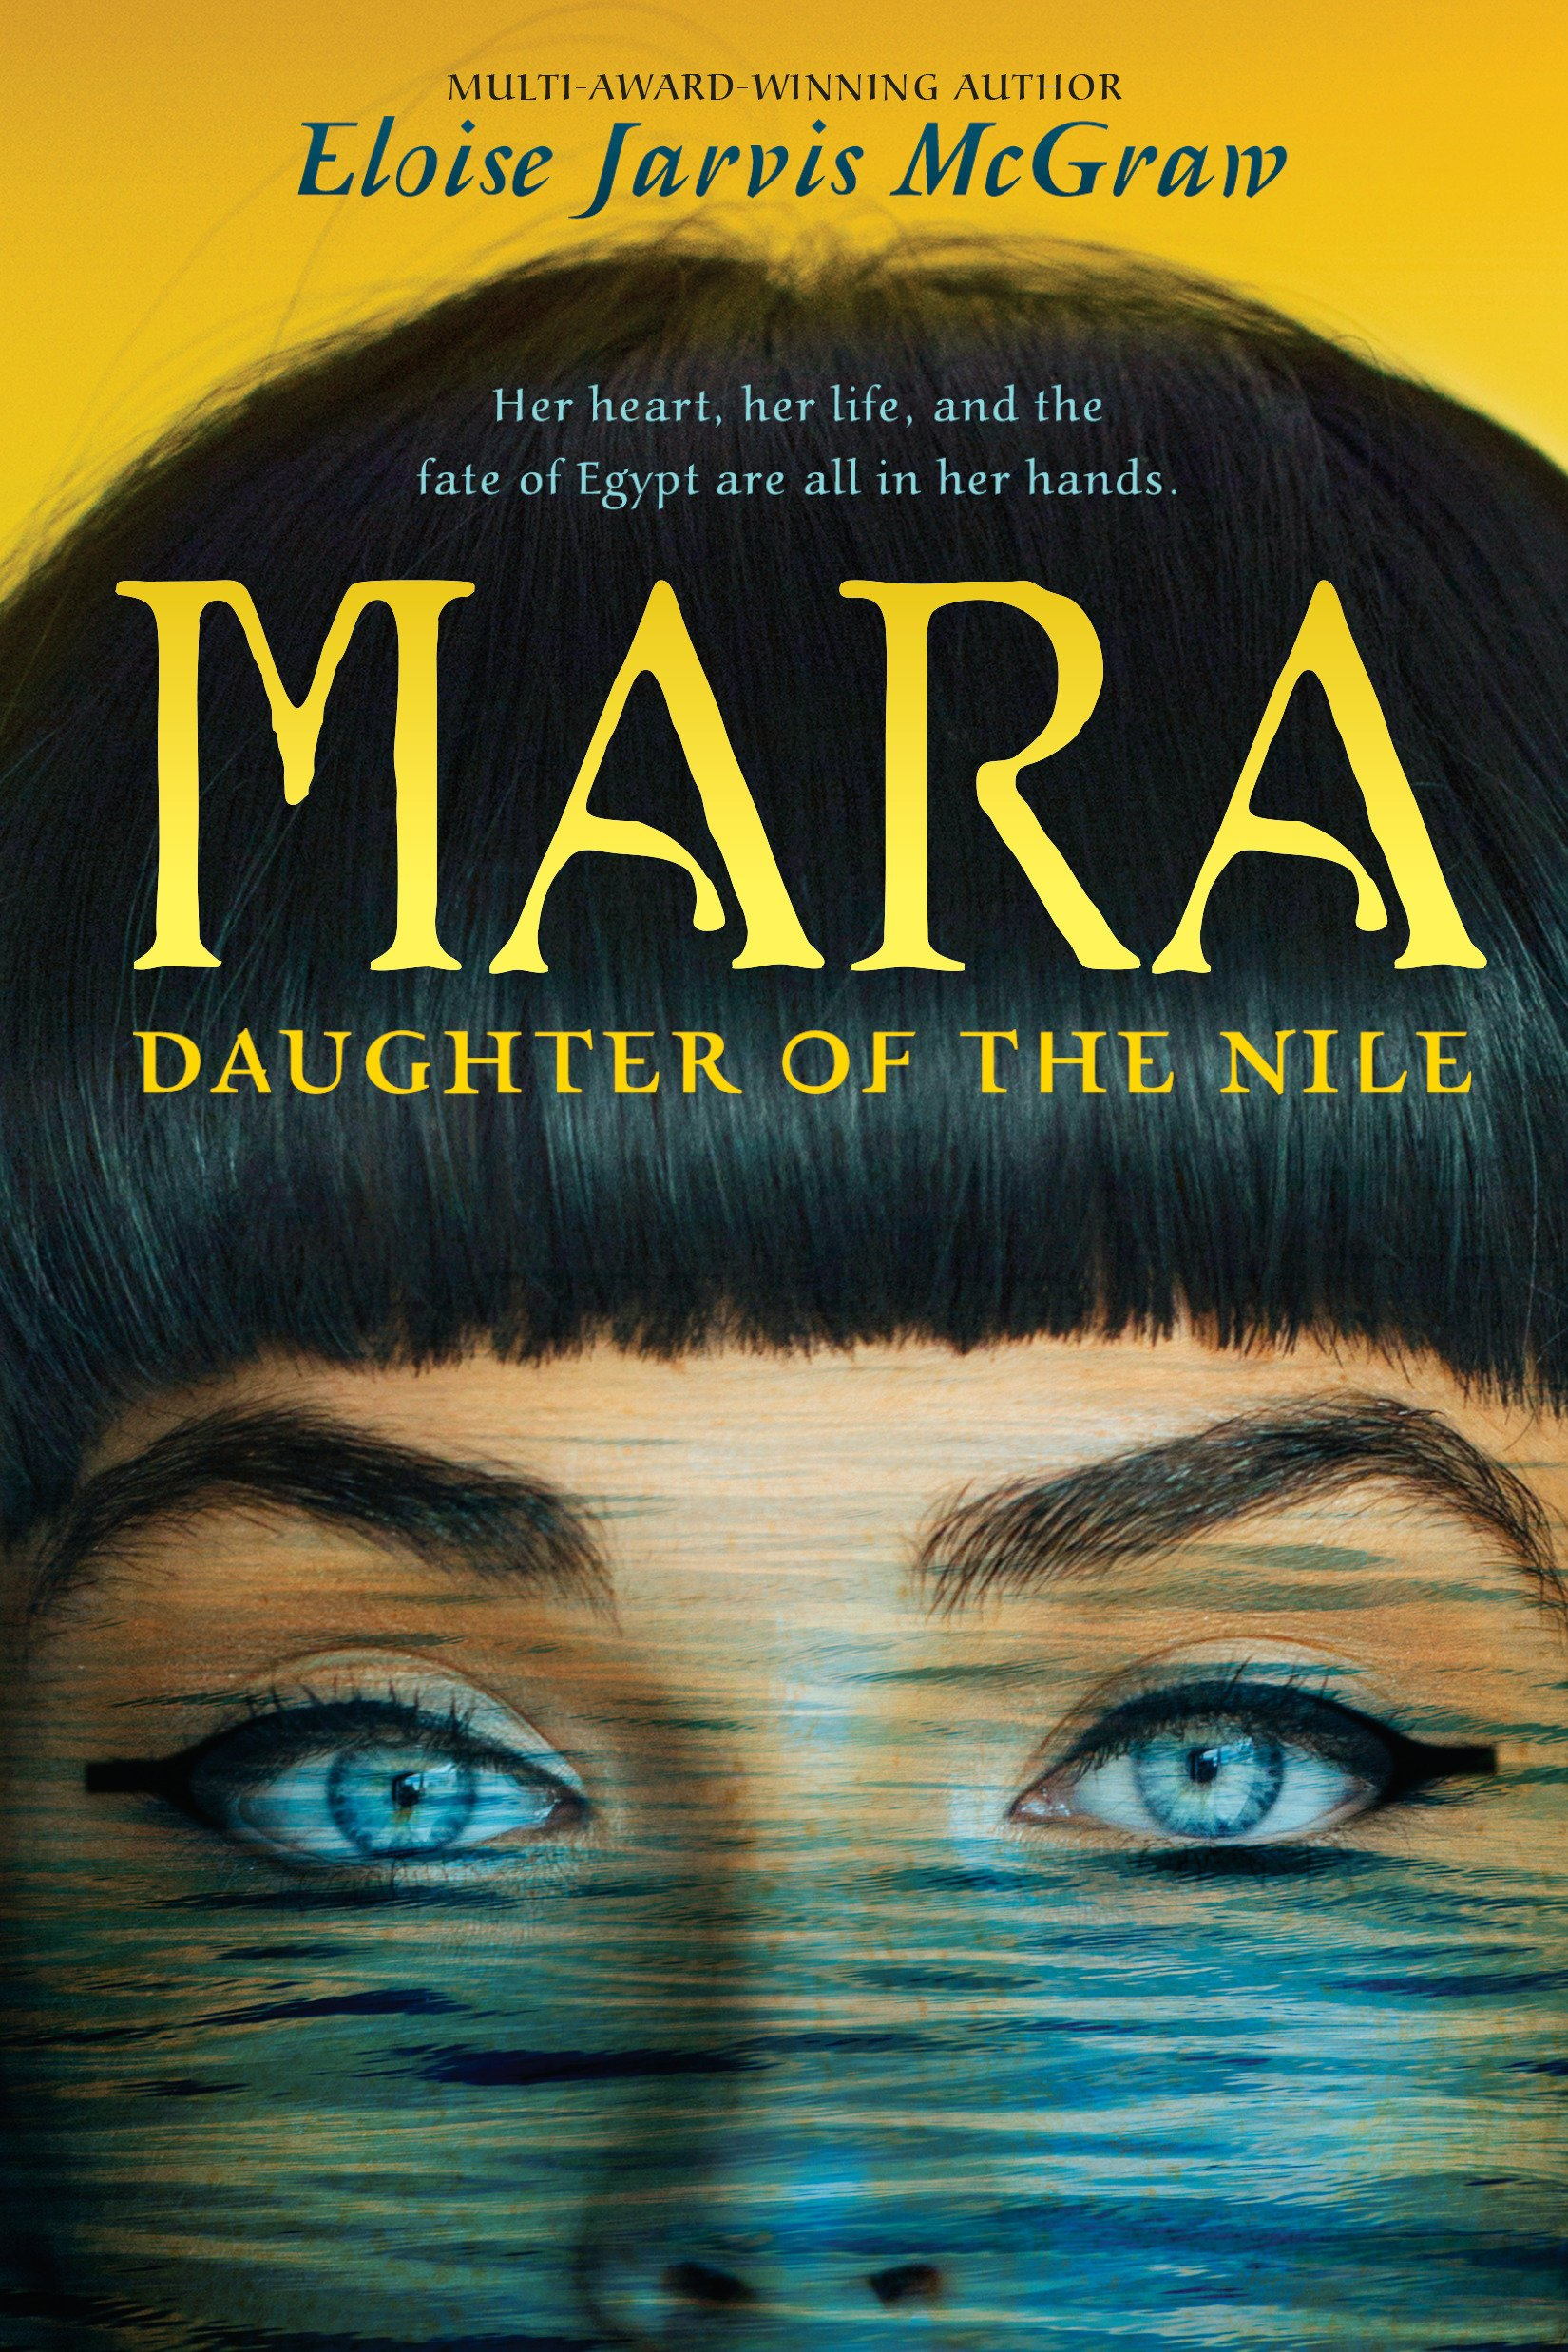 Mara, Daughter of the Nile